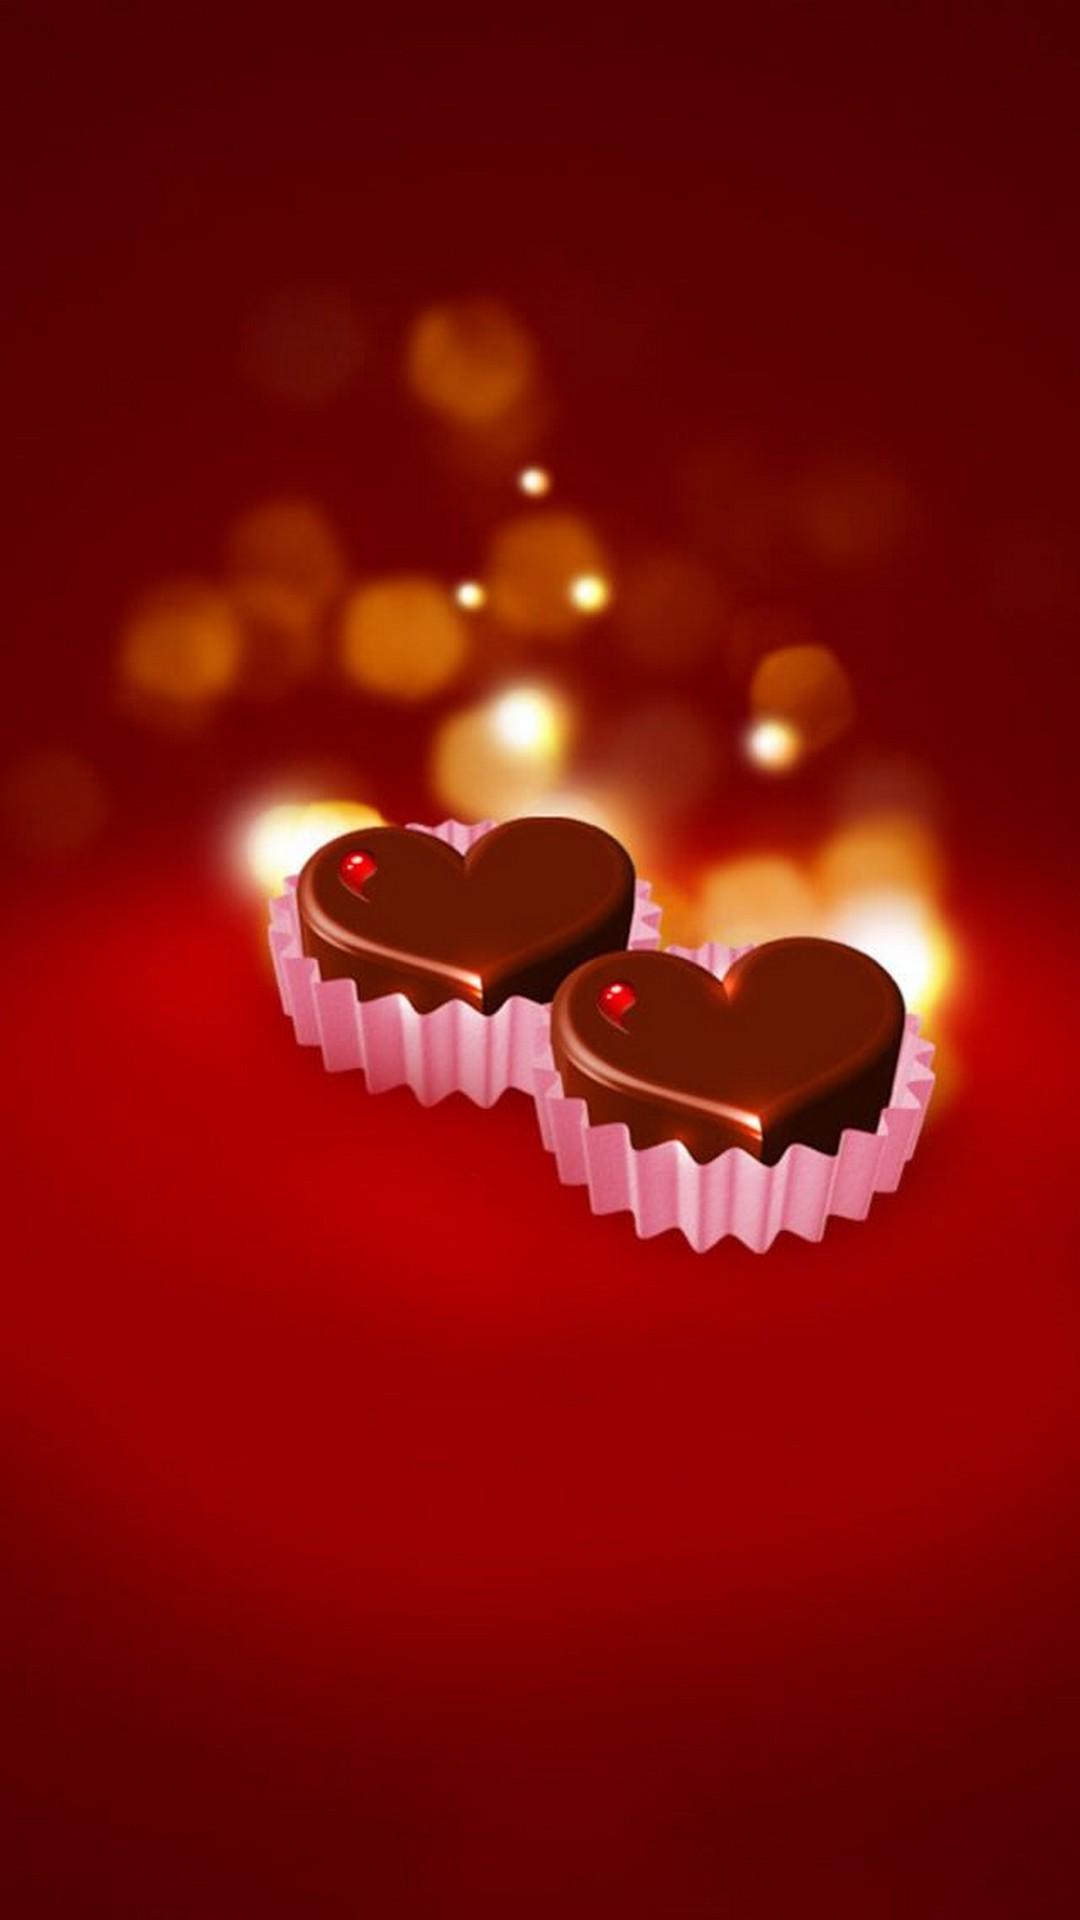 Dark Red Chocolate Heart